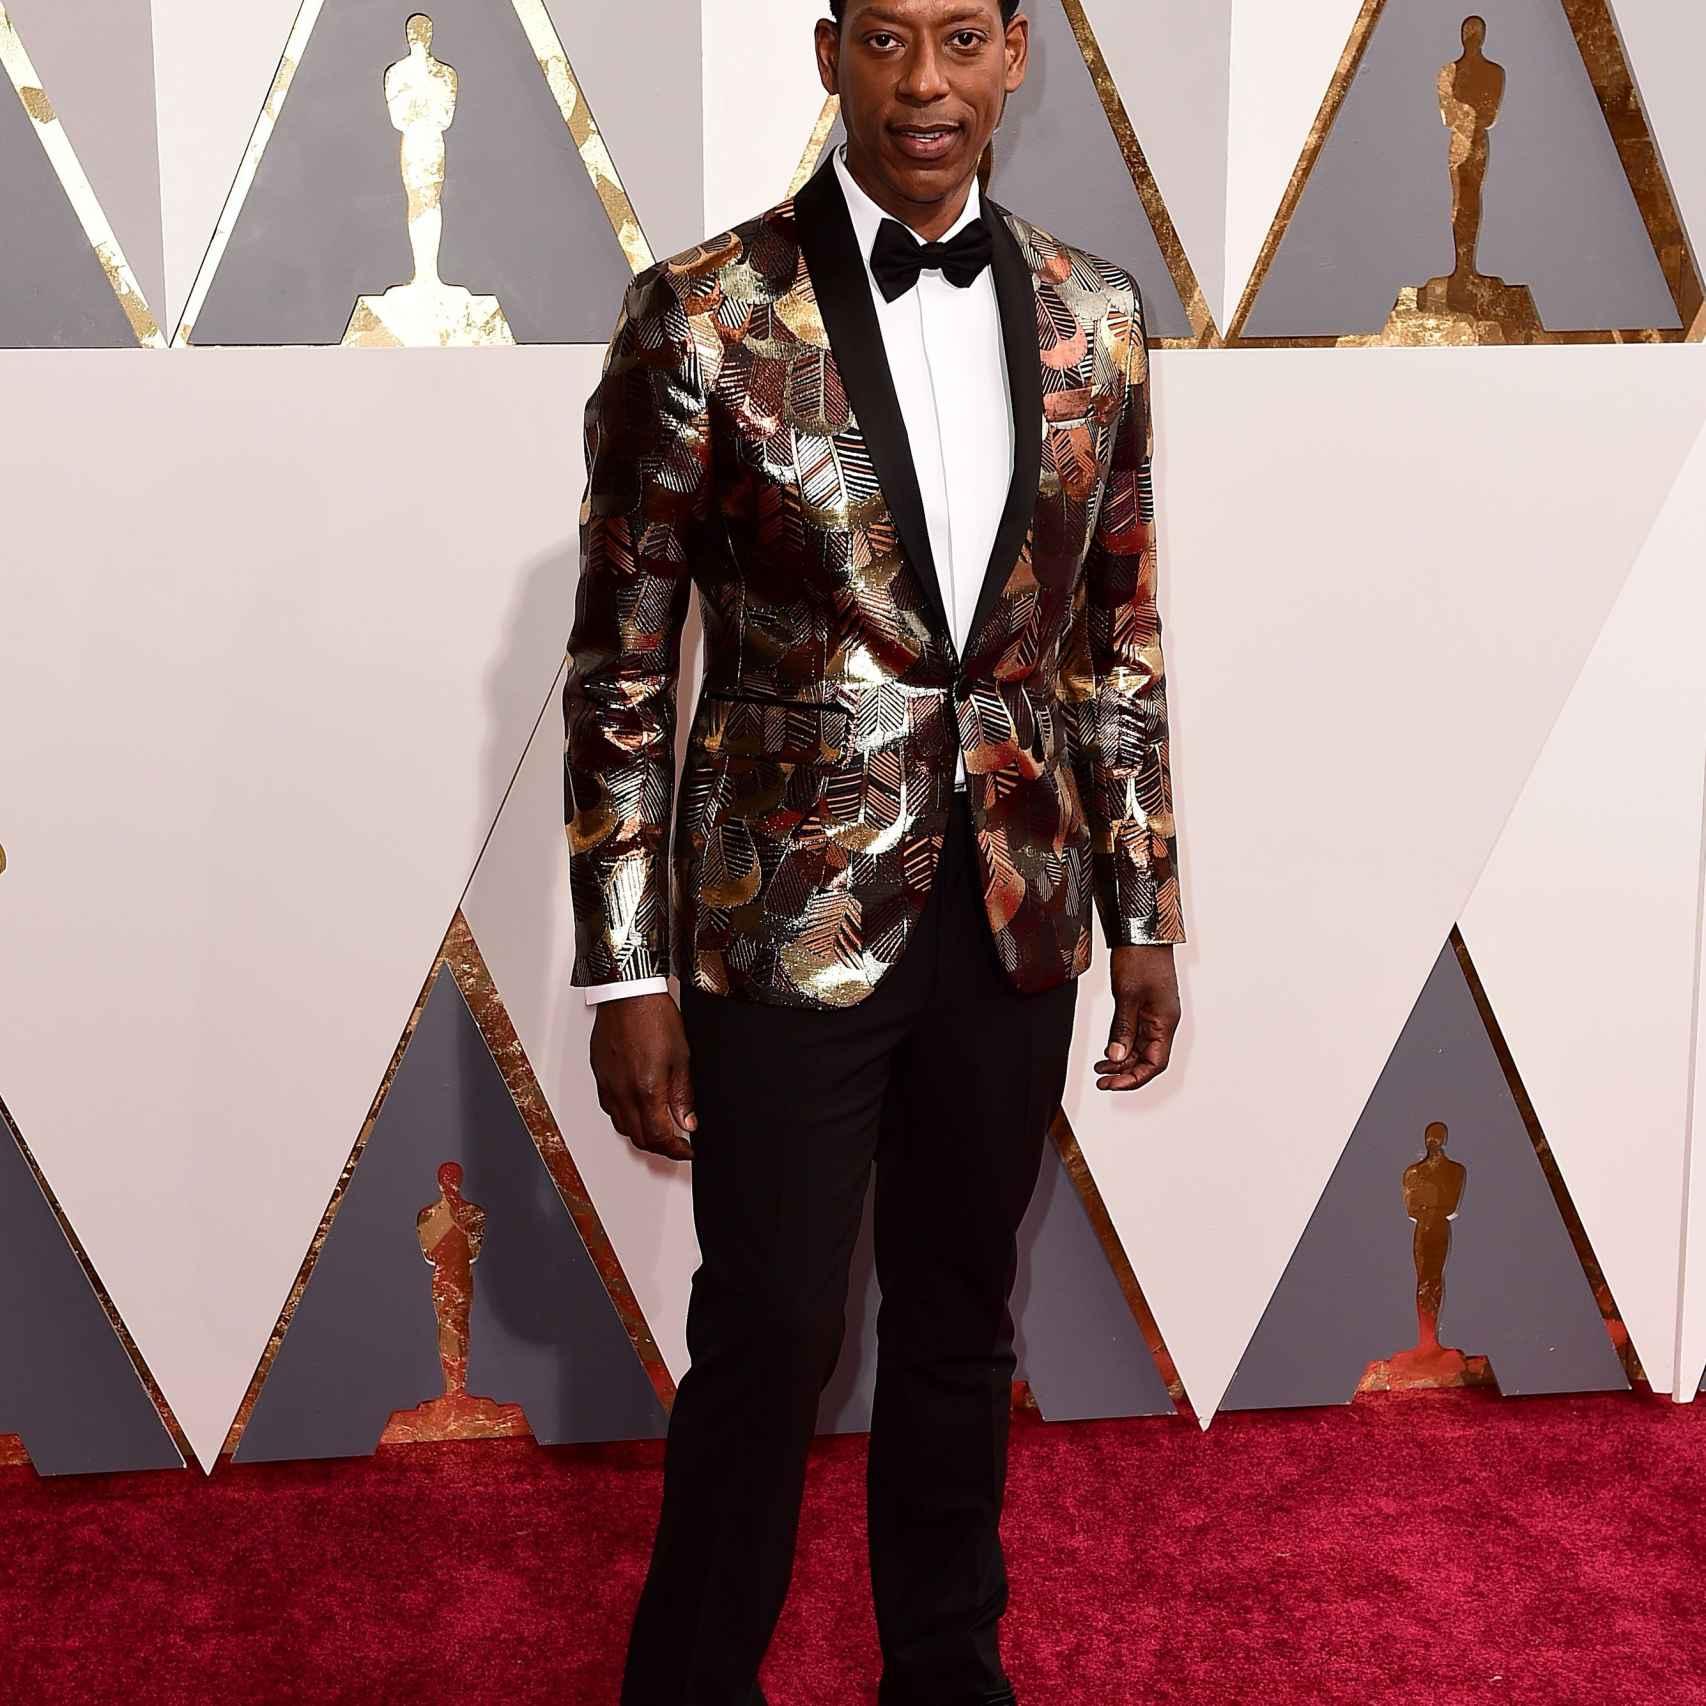 La chaqueta de Orlando Jones es demasiado excesiva, parece un disfraz